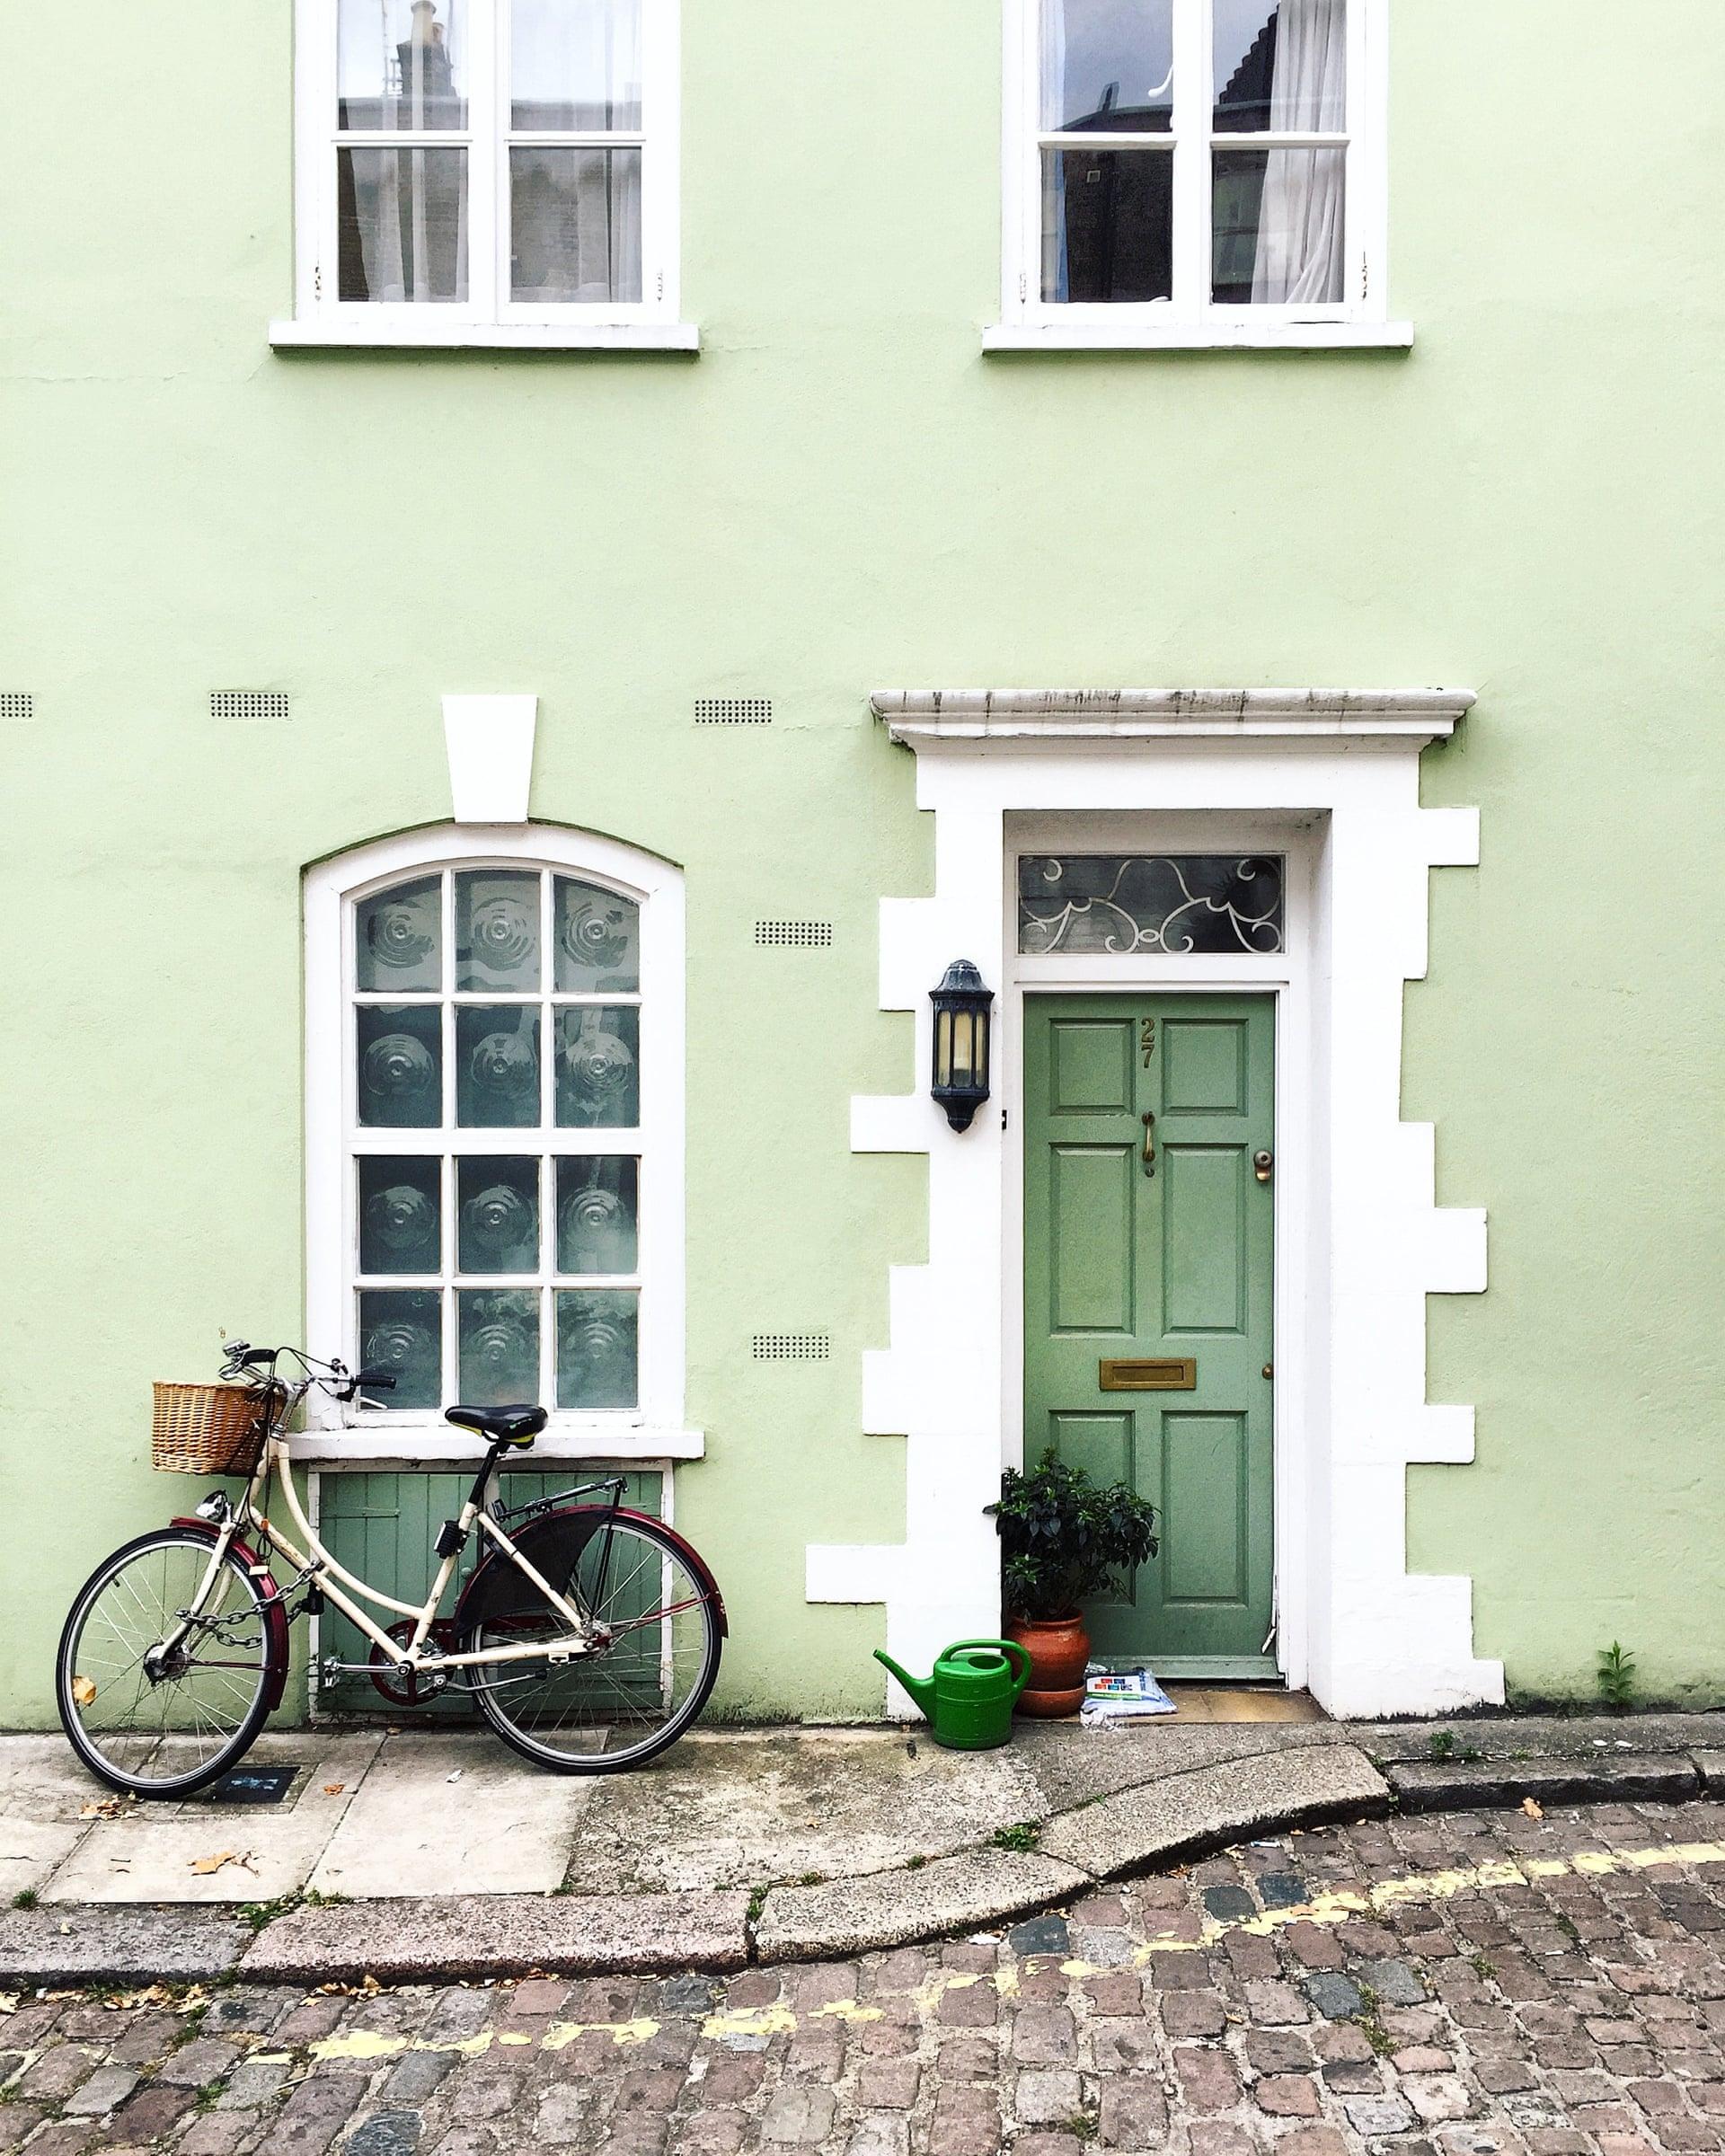 Memilih Warna Pintu Sesuai Kepribadian